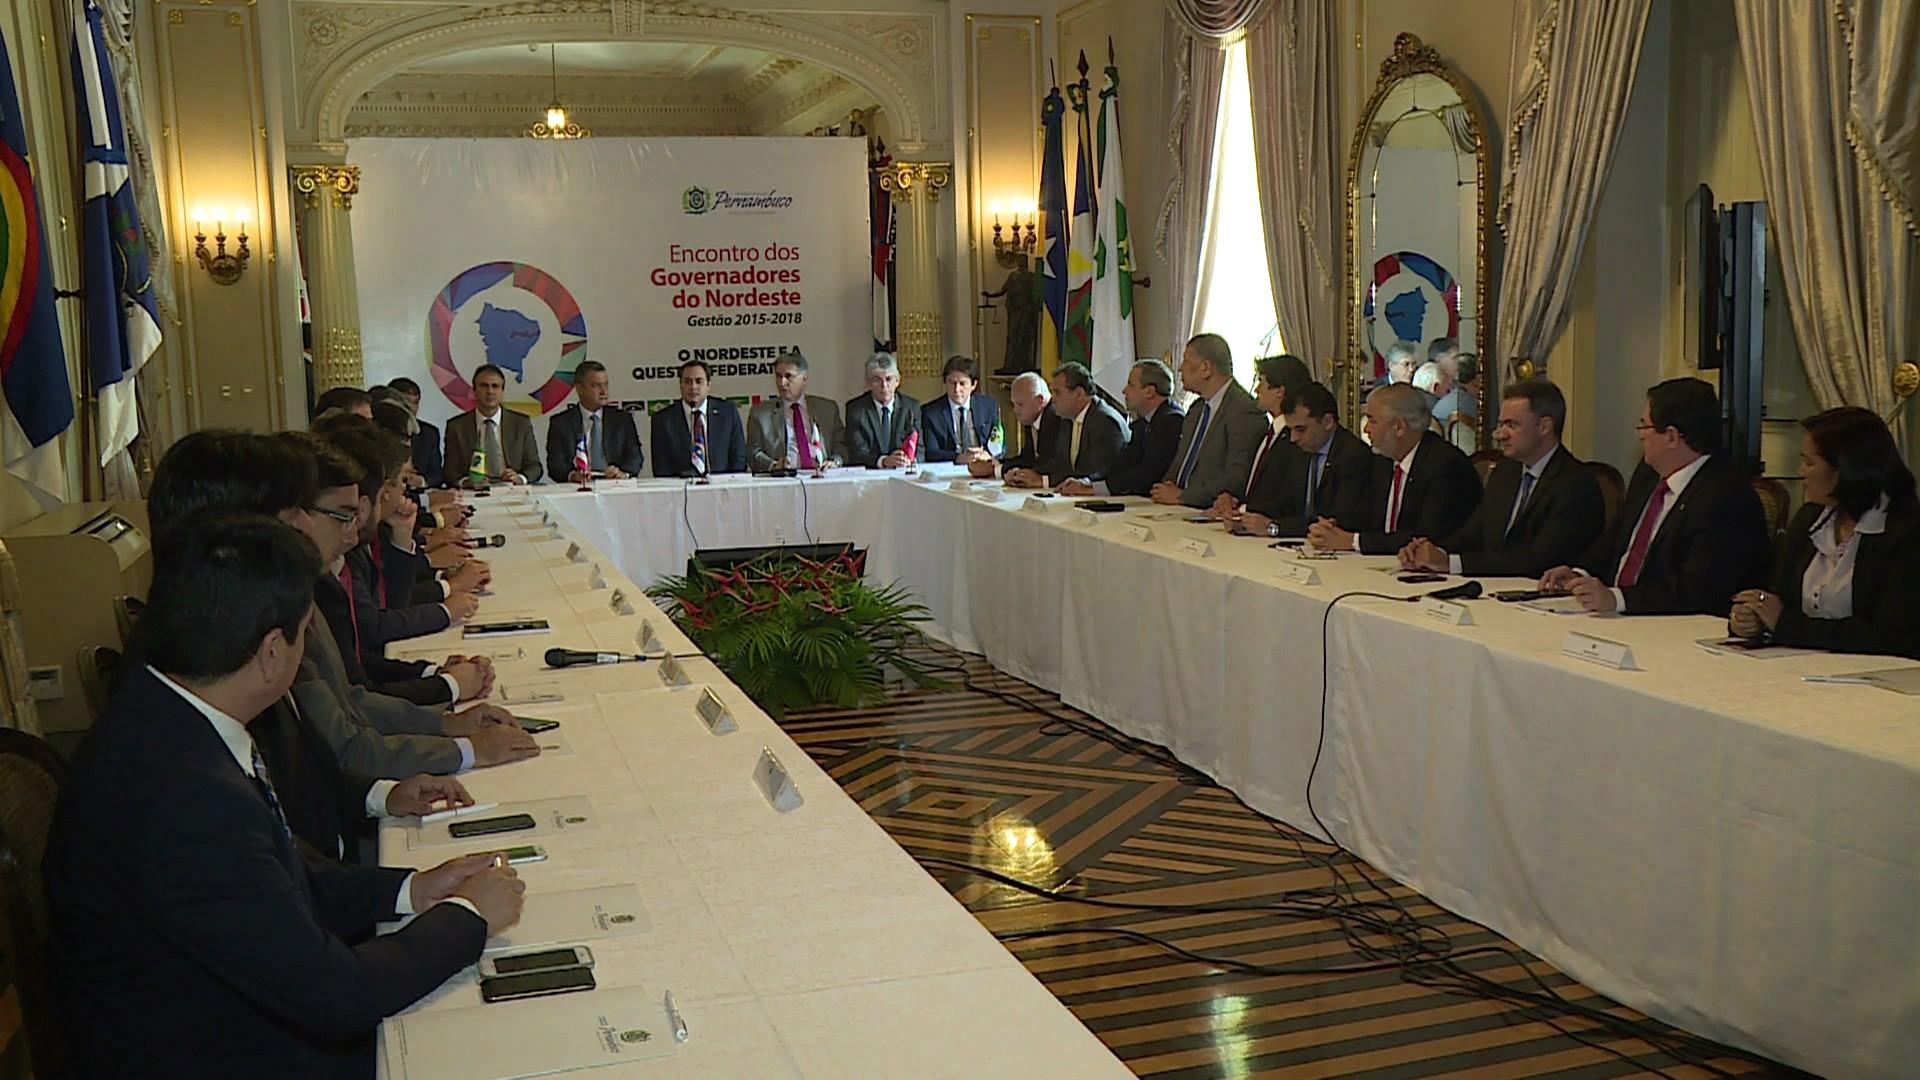 Governadores do Nordeste e de Minas Gerais divulgam carta contra privatização da Eletrobras